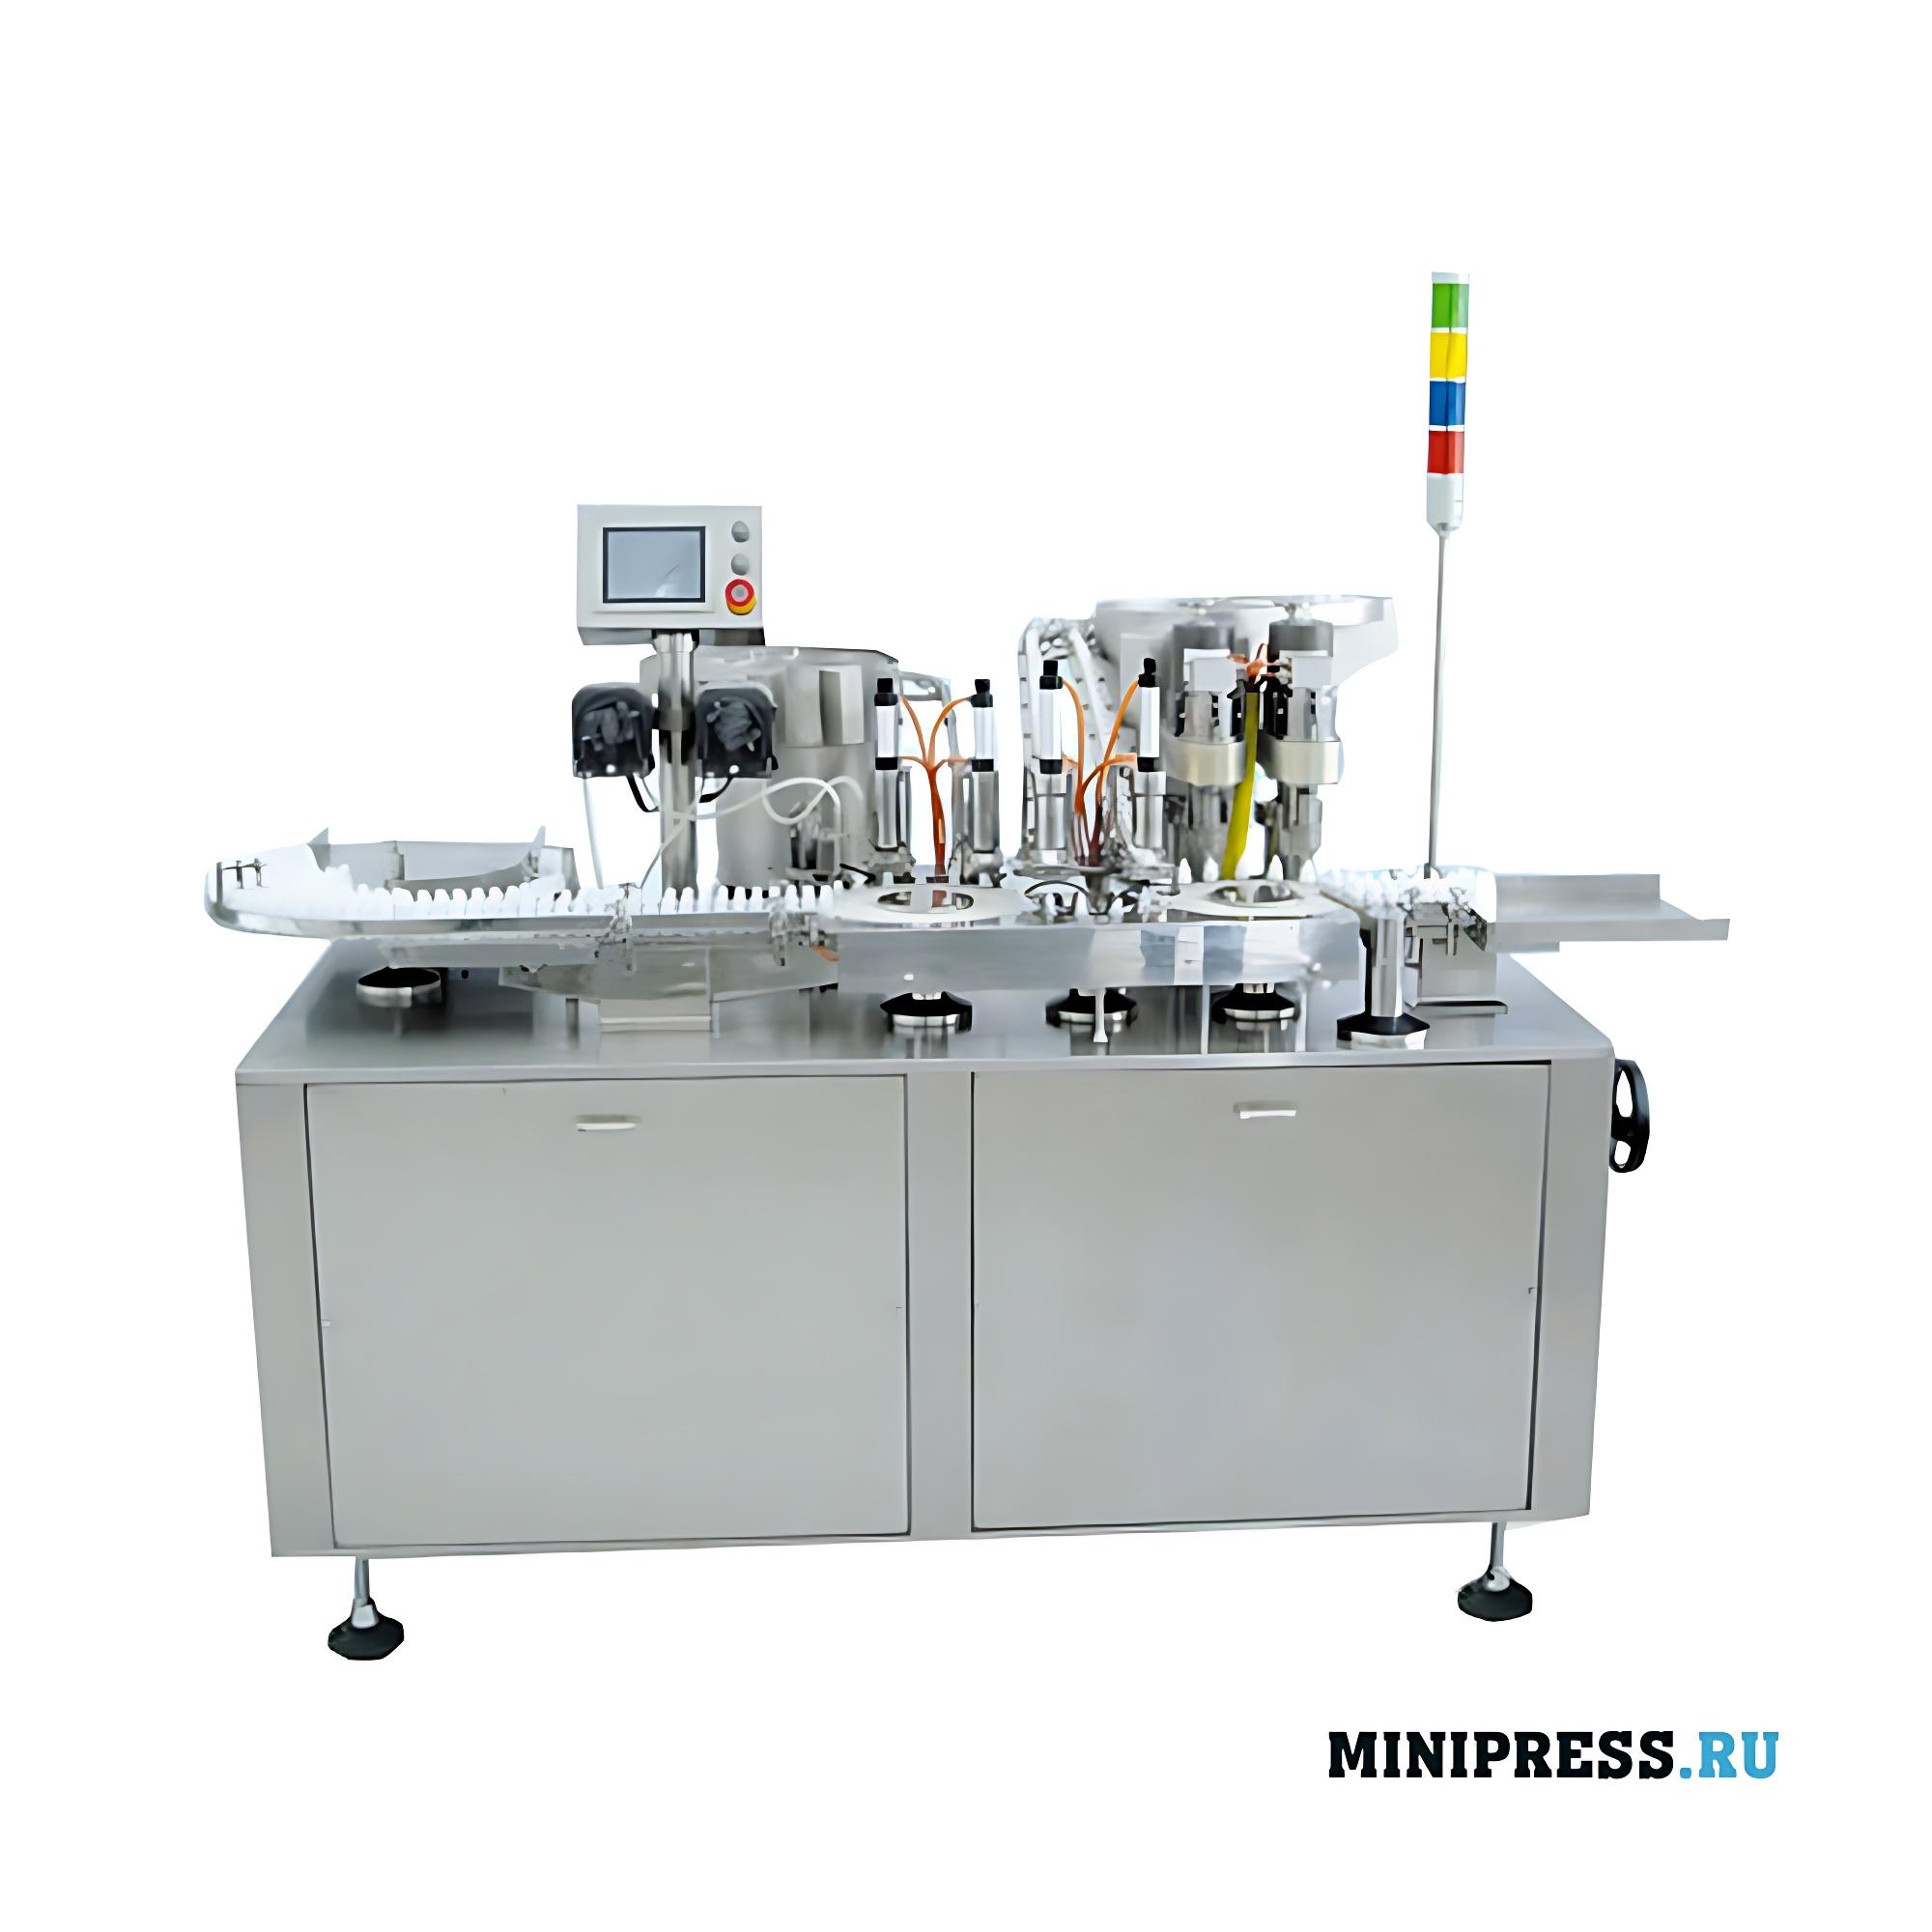 Автоматическое оборудование для розлива и запайки глазных капель в два ручья